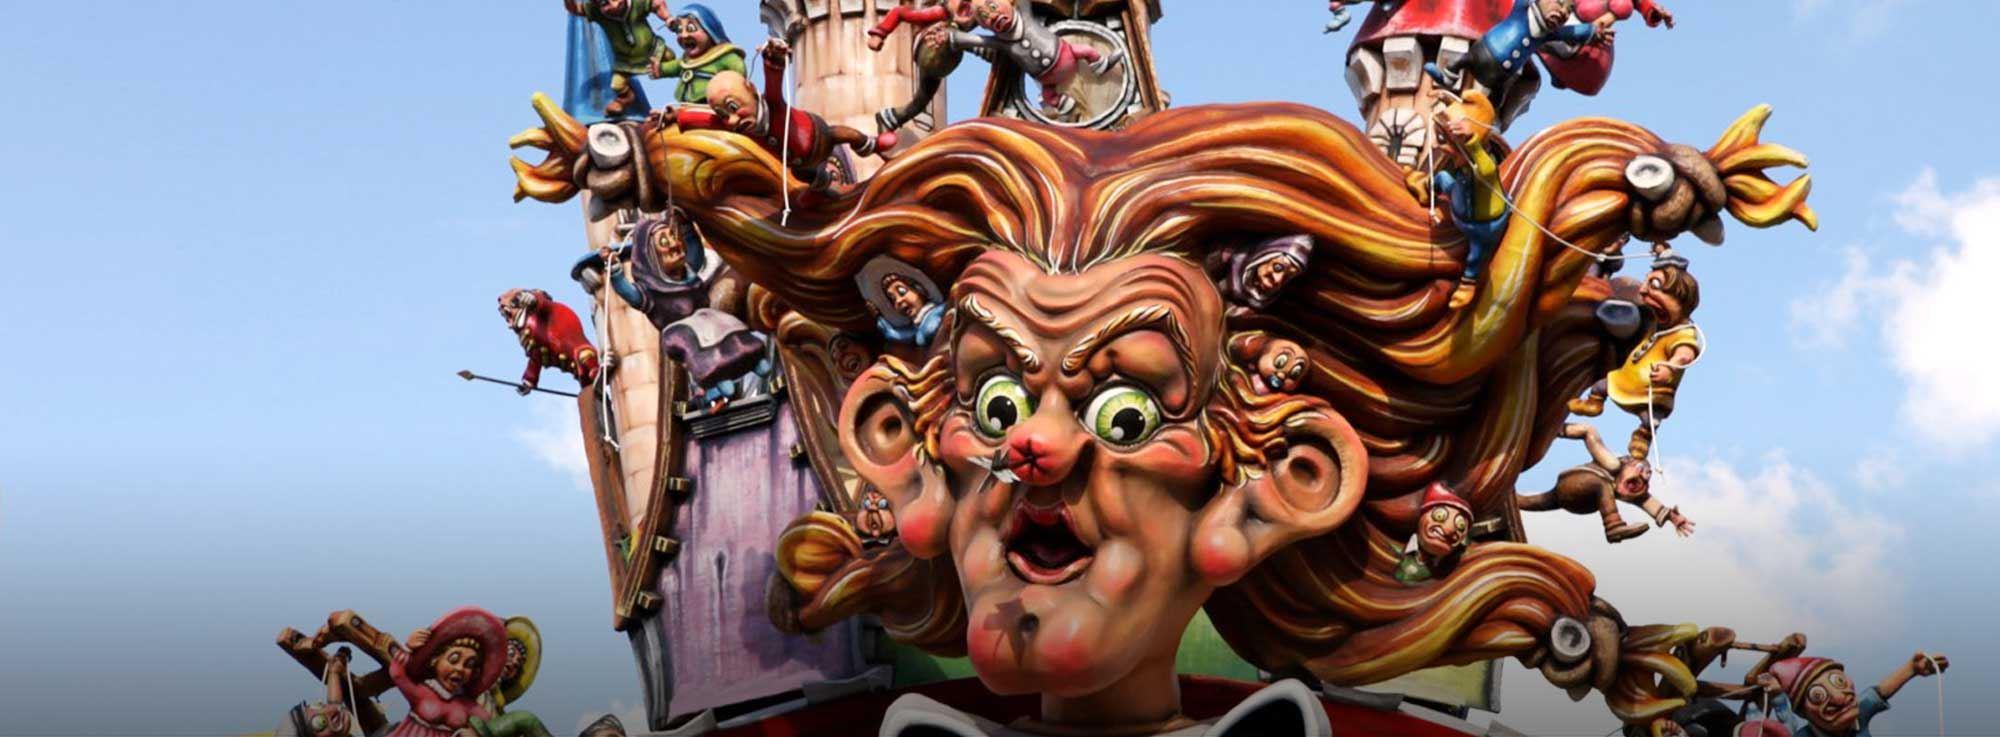 Putignano: Carnevale di Putignano